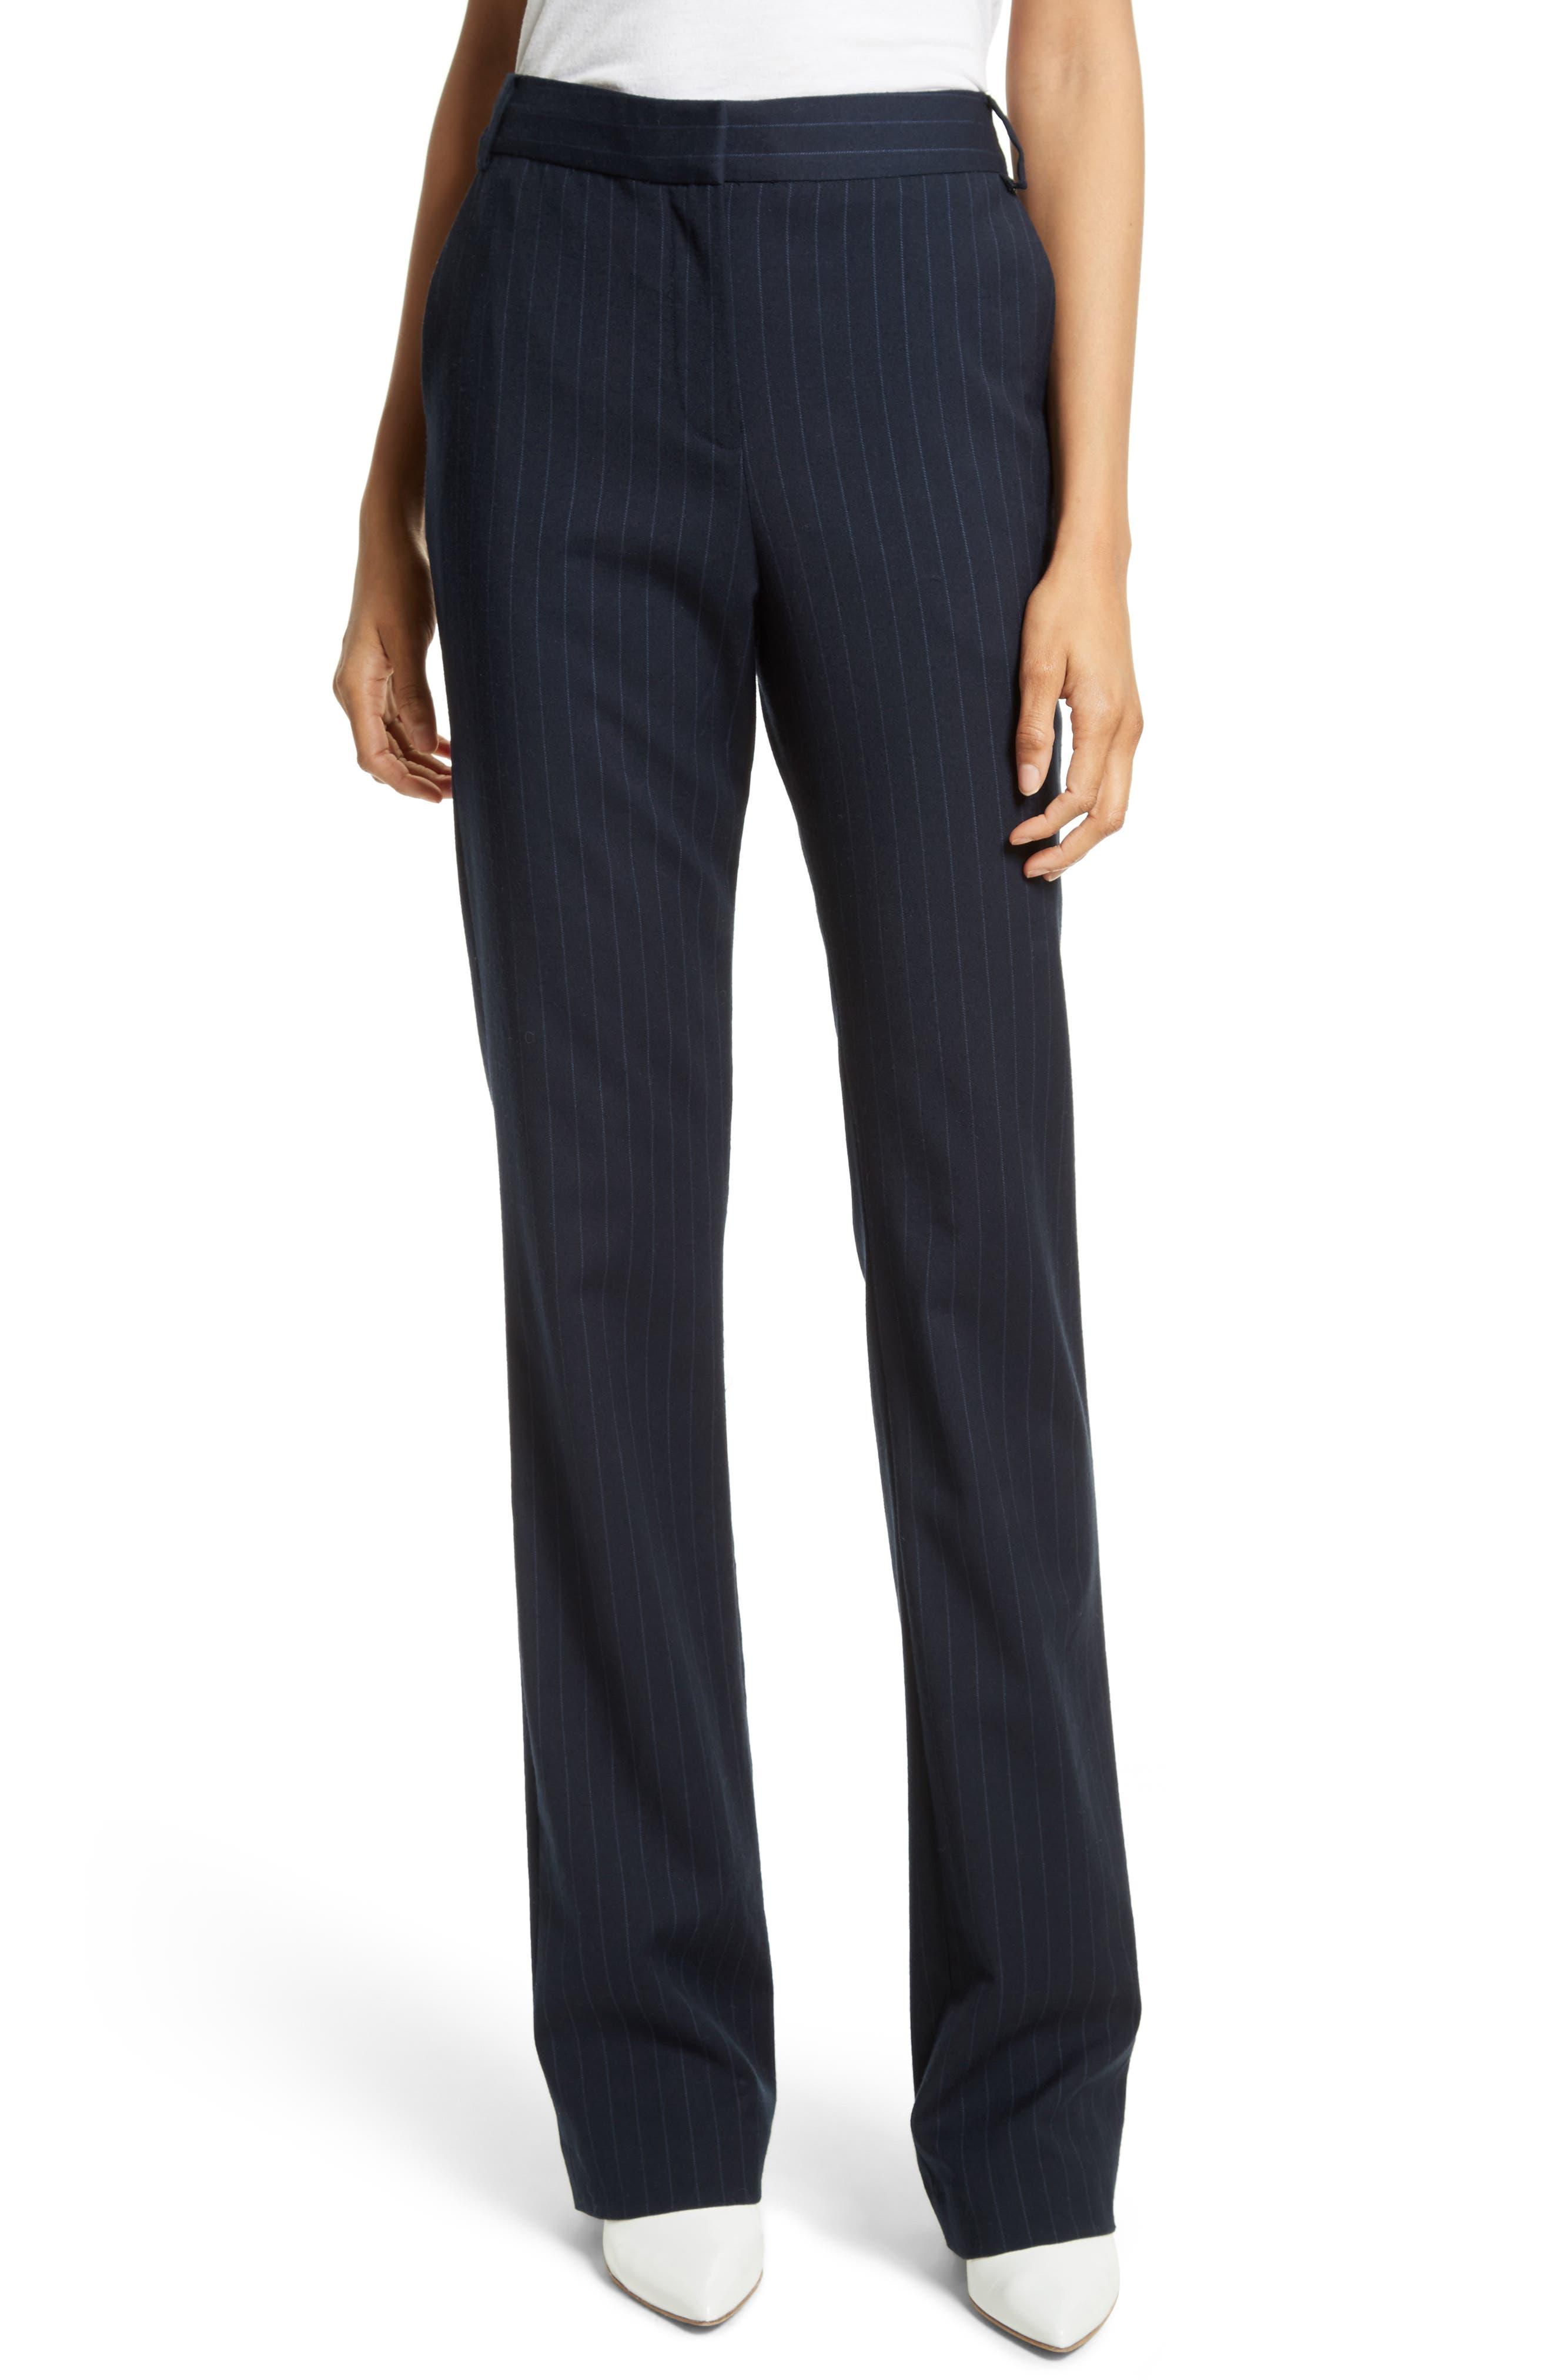 Delmont Bootcut Pants,                         Main,                         color, Navy/ Cobalt